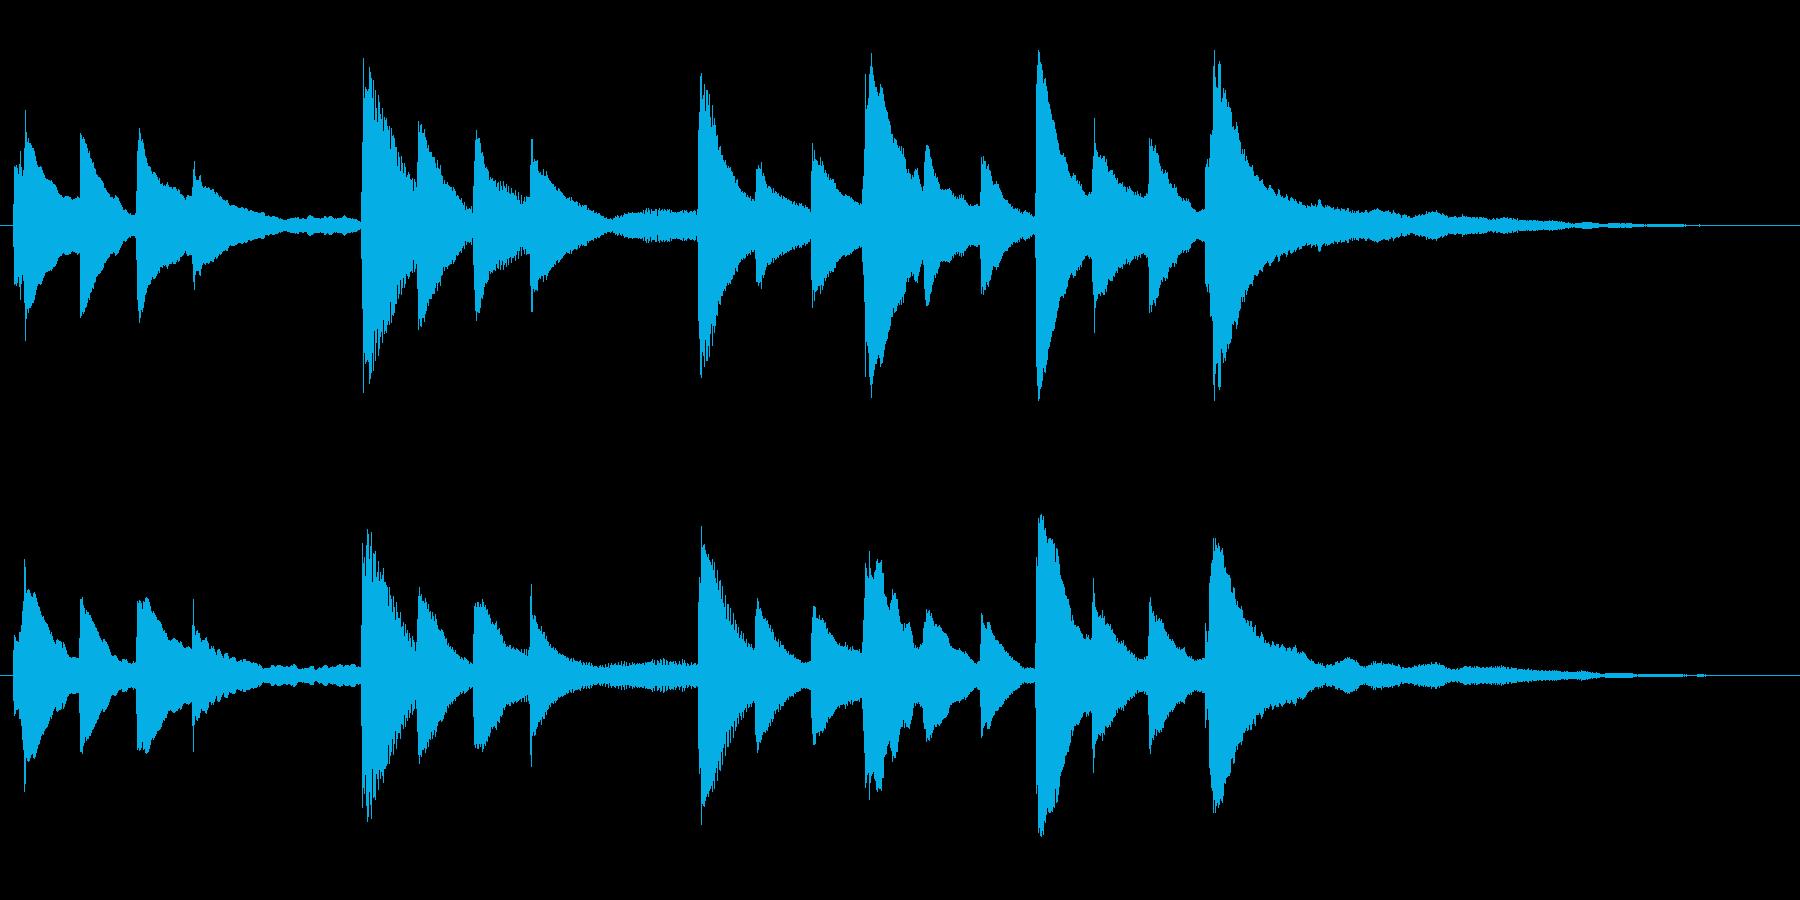 ピアノソロのジングル ヒーリングの再生済みの波形